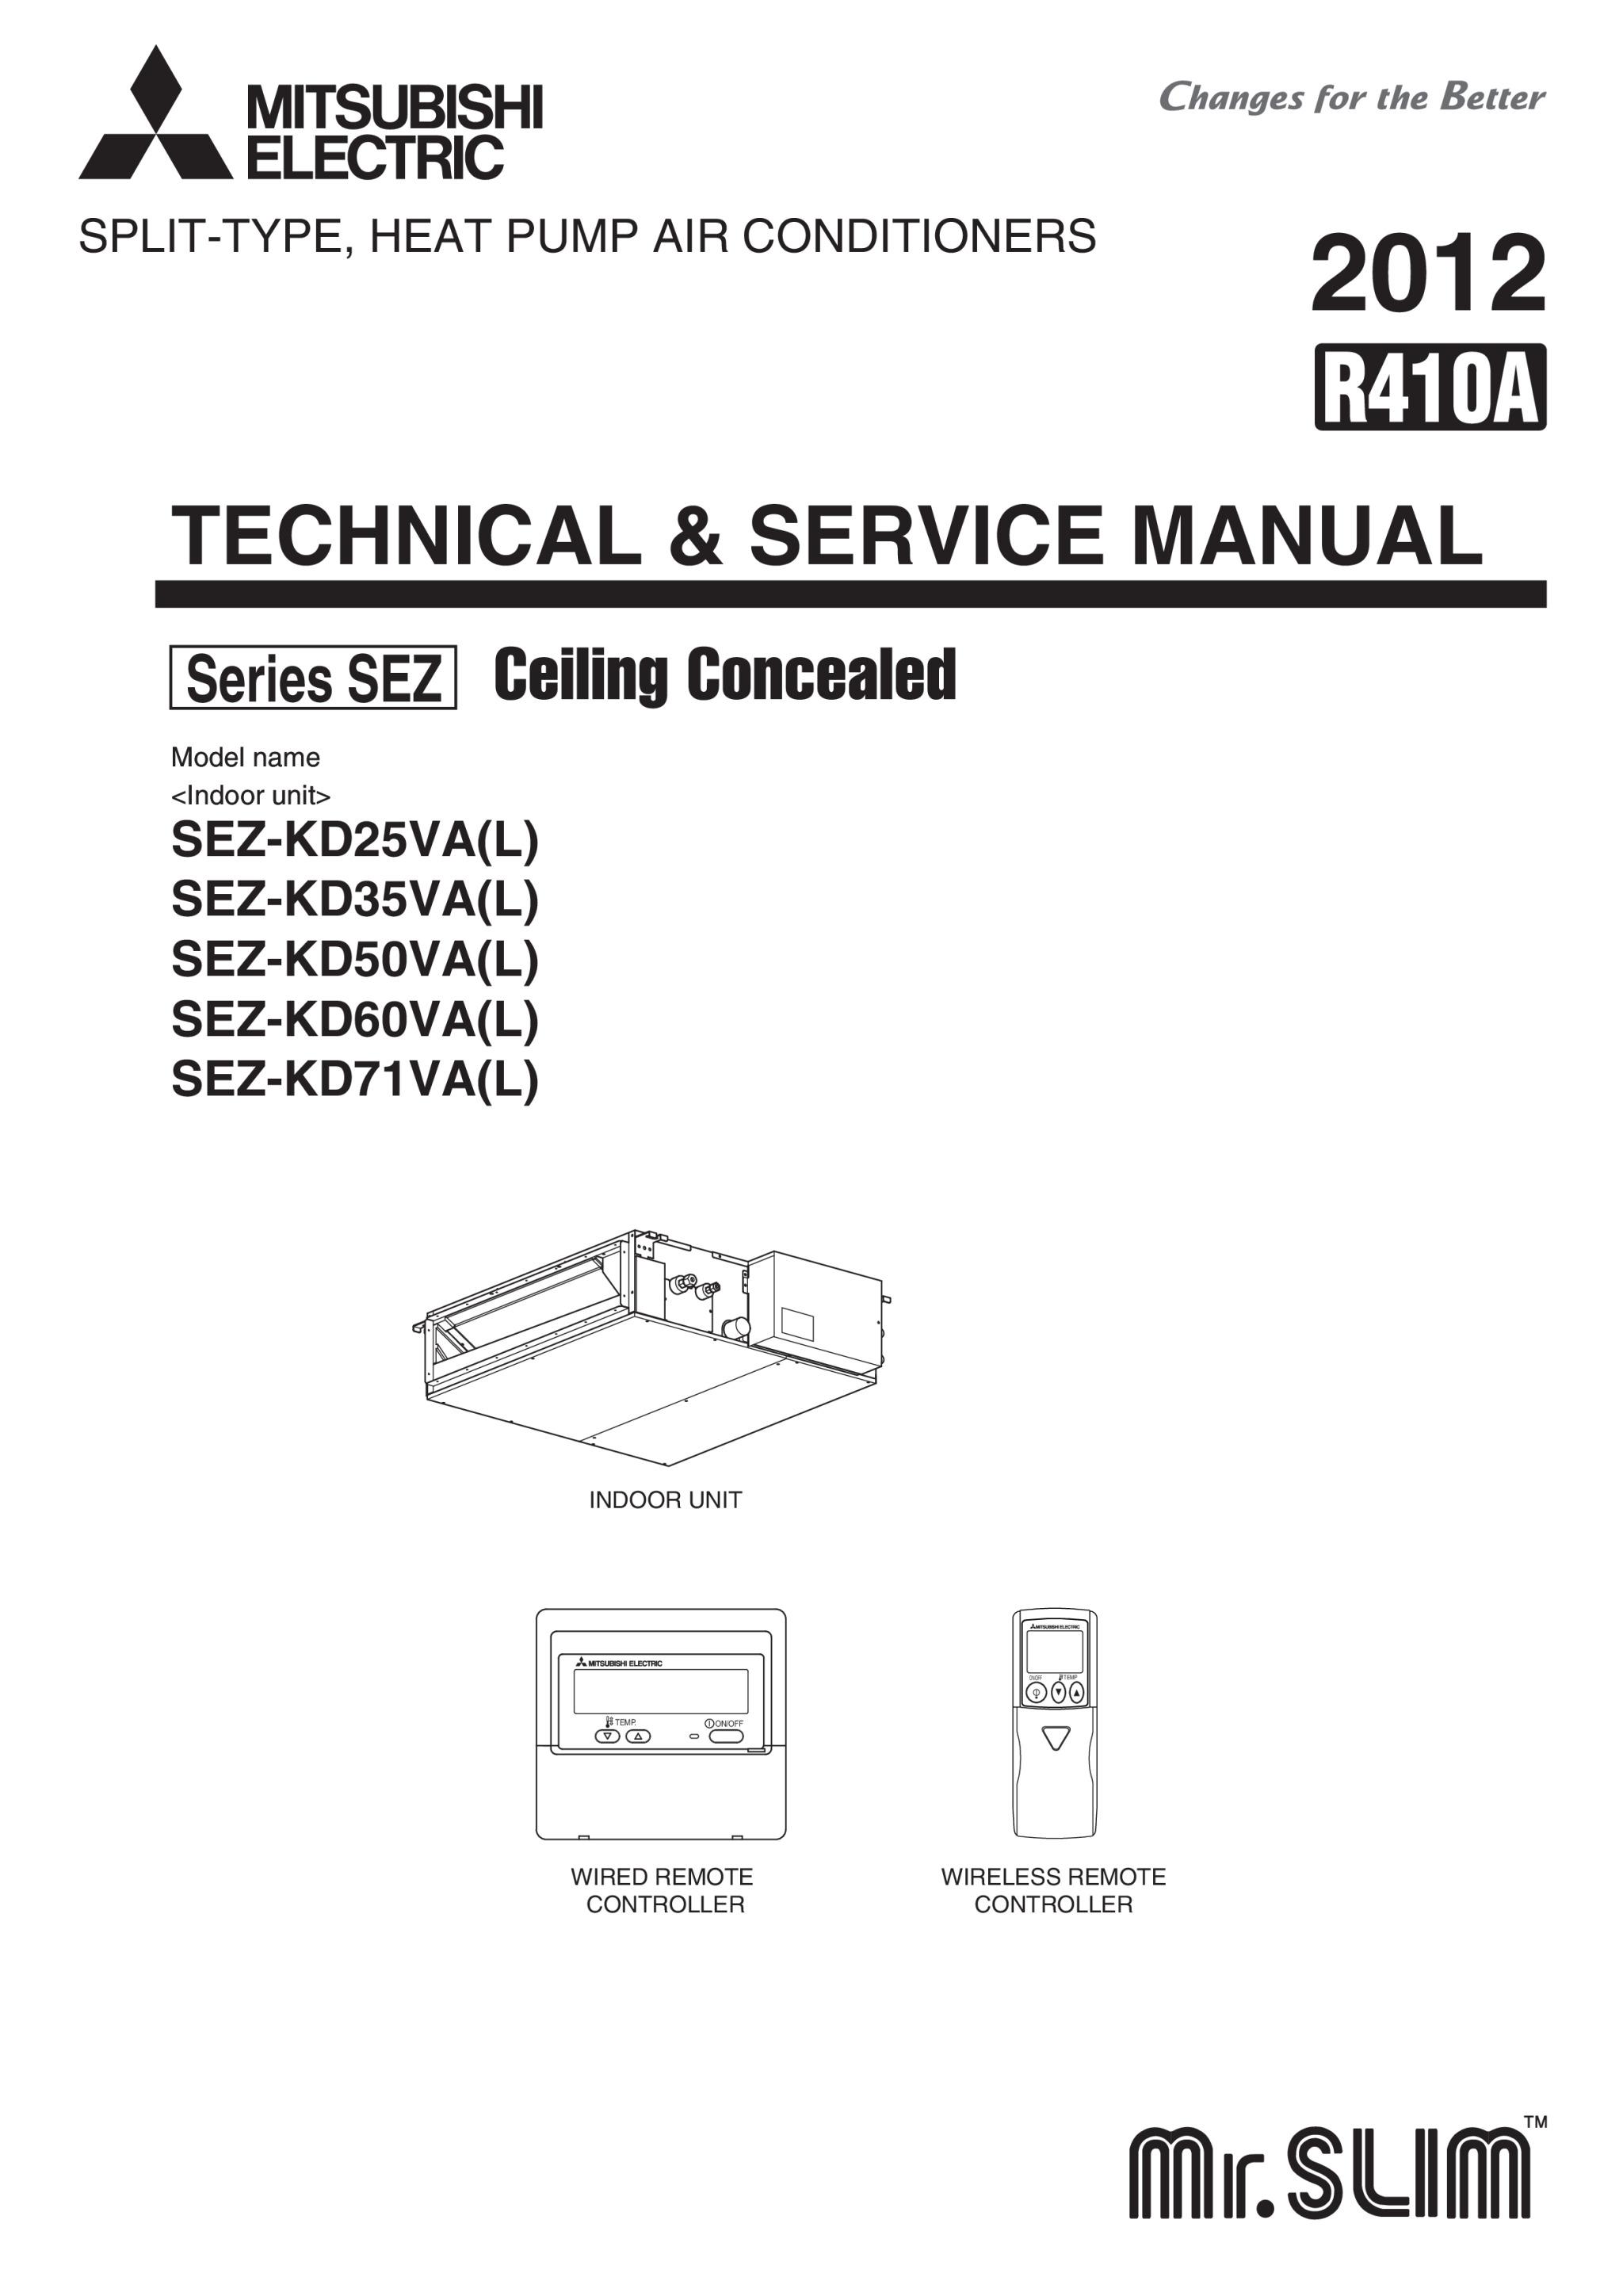 mitsubishi heat pump manual  u2013 idea di immagine auto